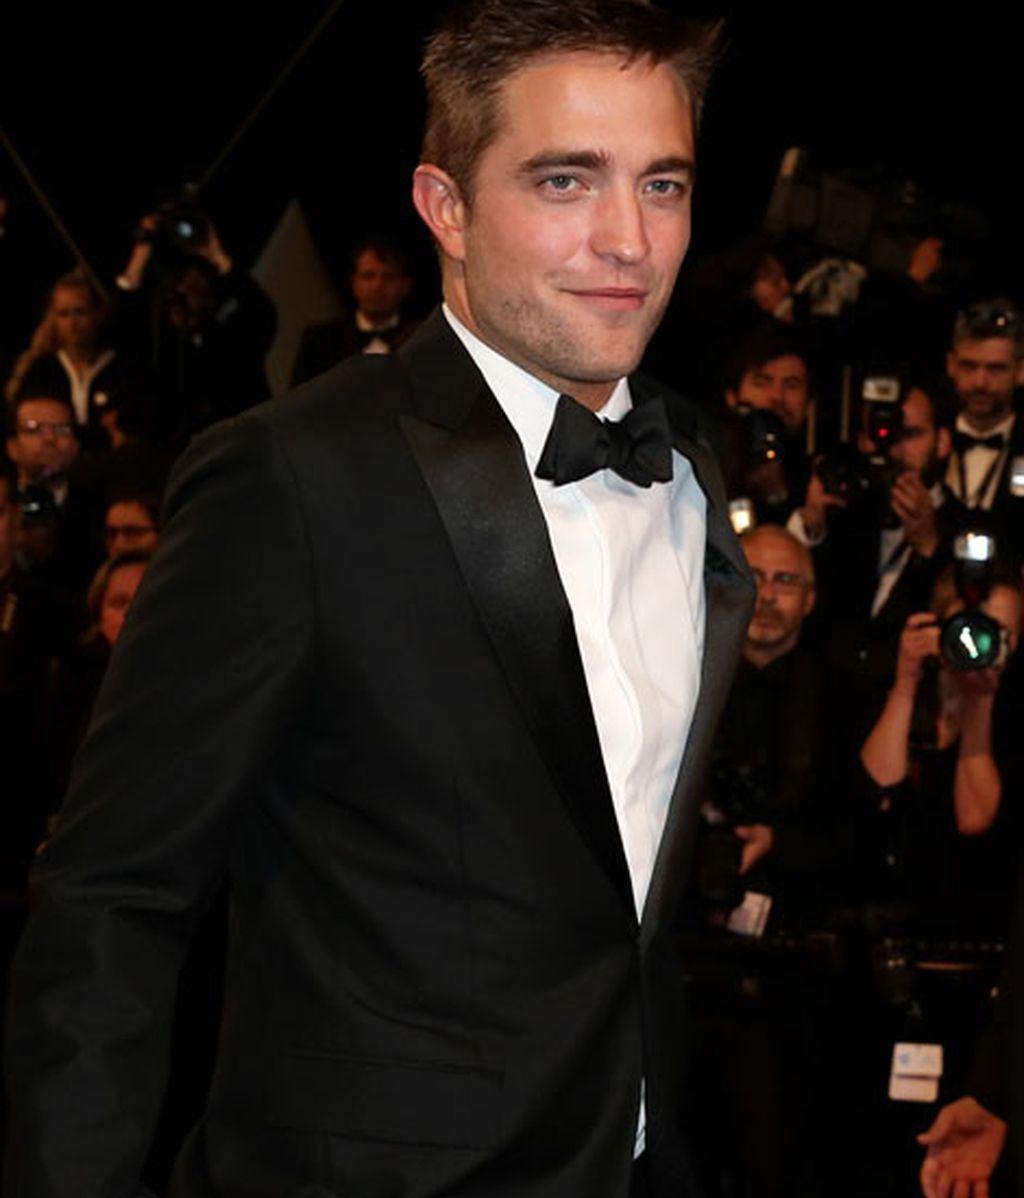 El esmoquin bien llevado de Robert Pattinson que llenó de fans la alfombra roja